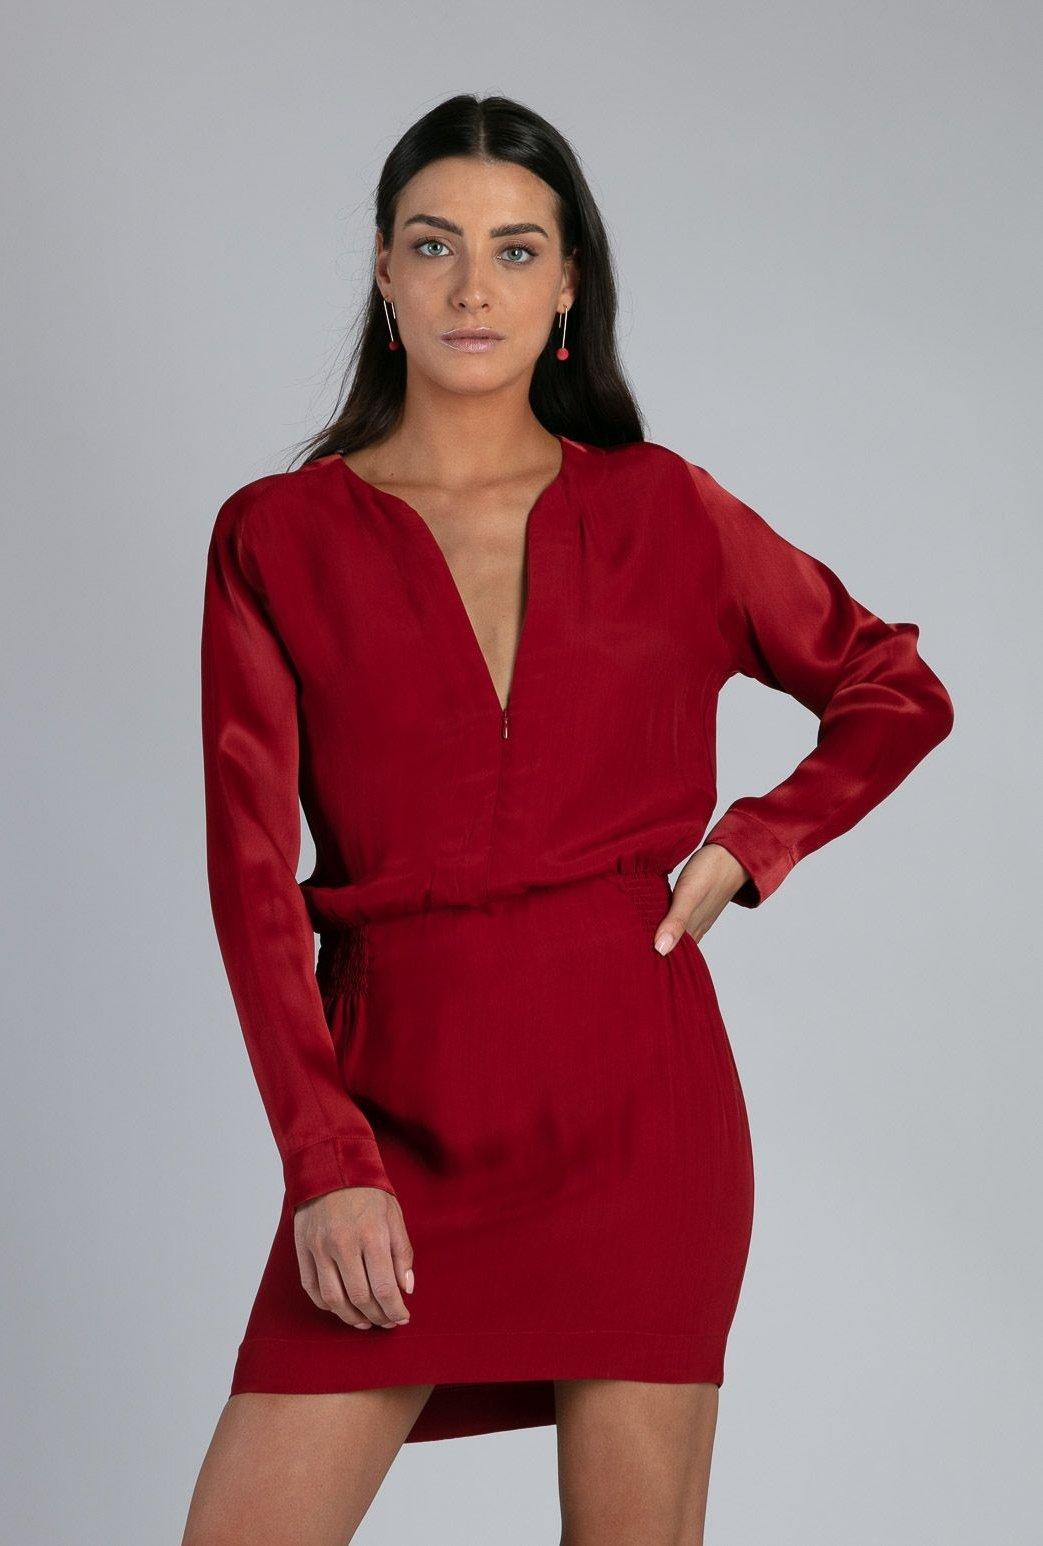 Robe courte Dominique red...